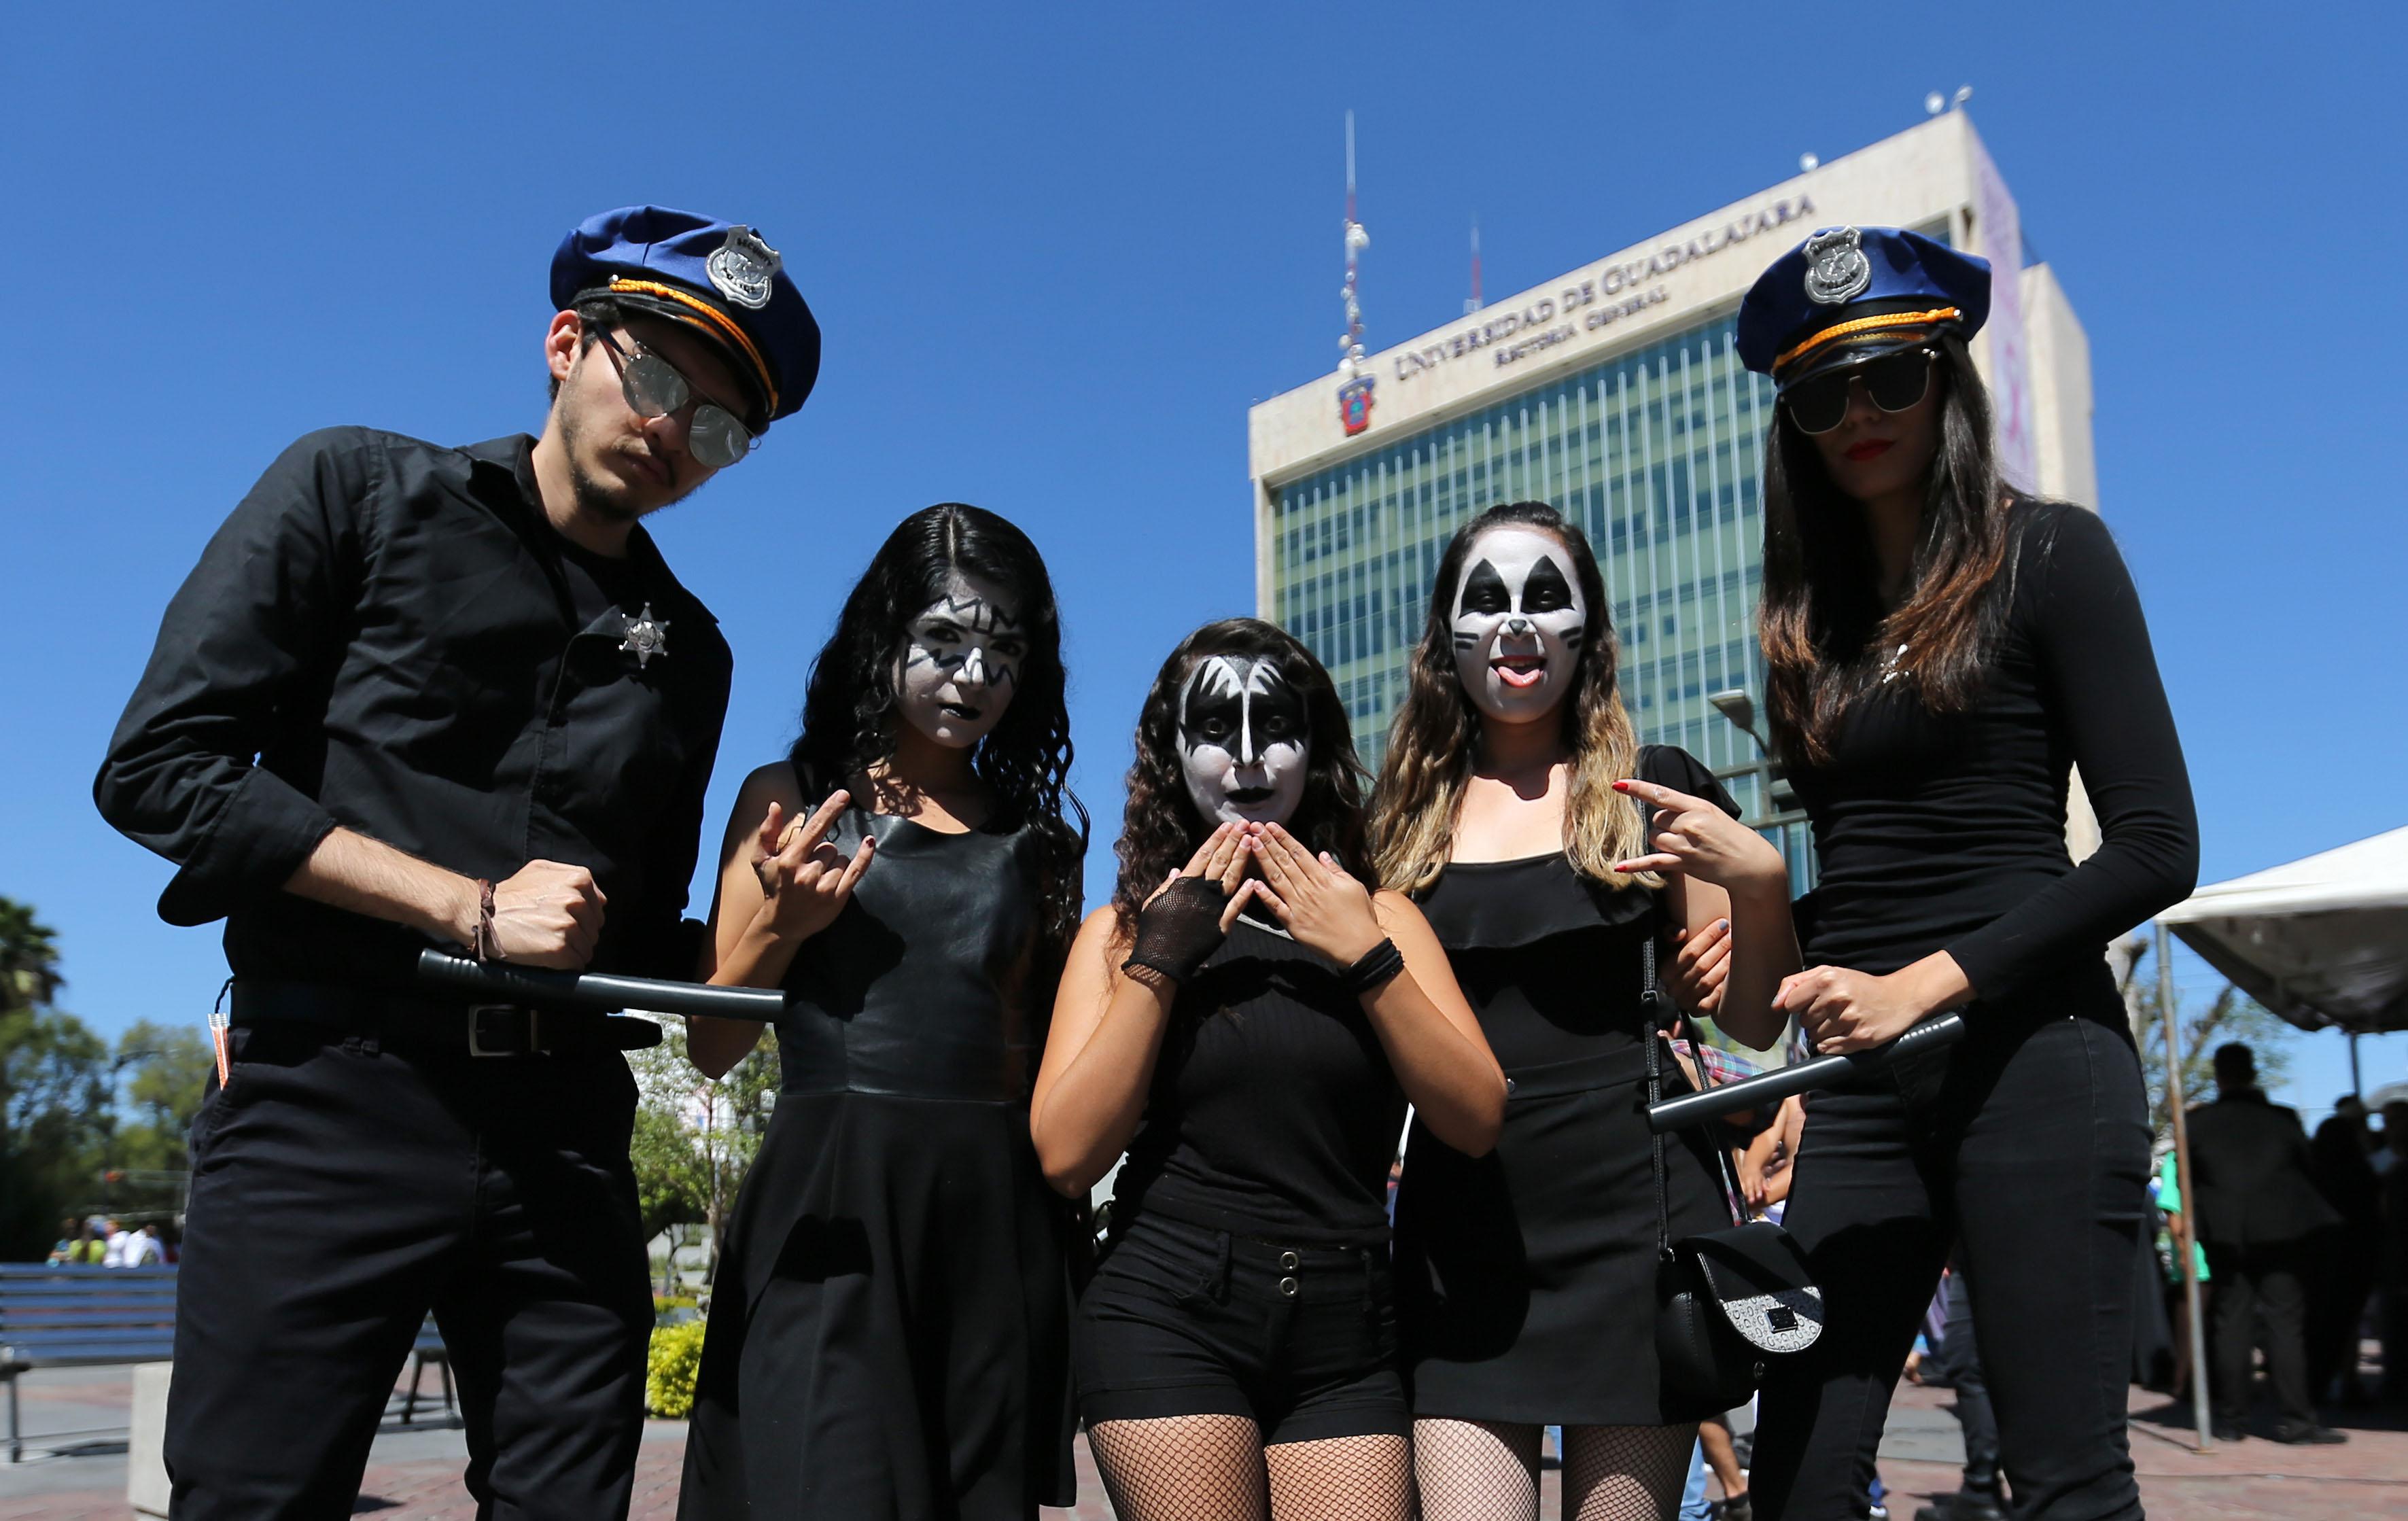 Estudiantes vestidos de policias participando en el Aquelarre